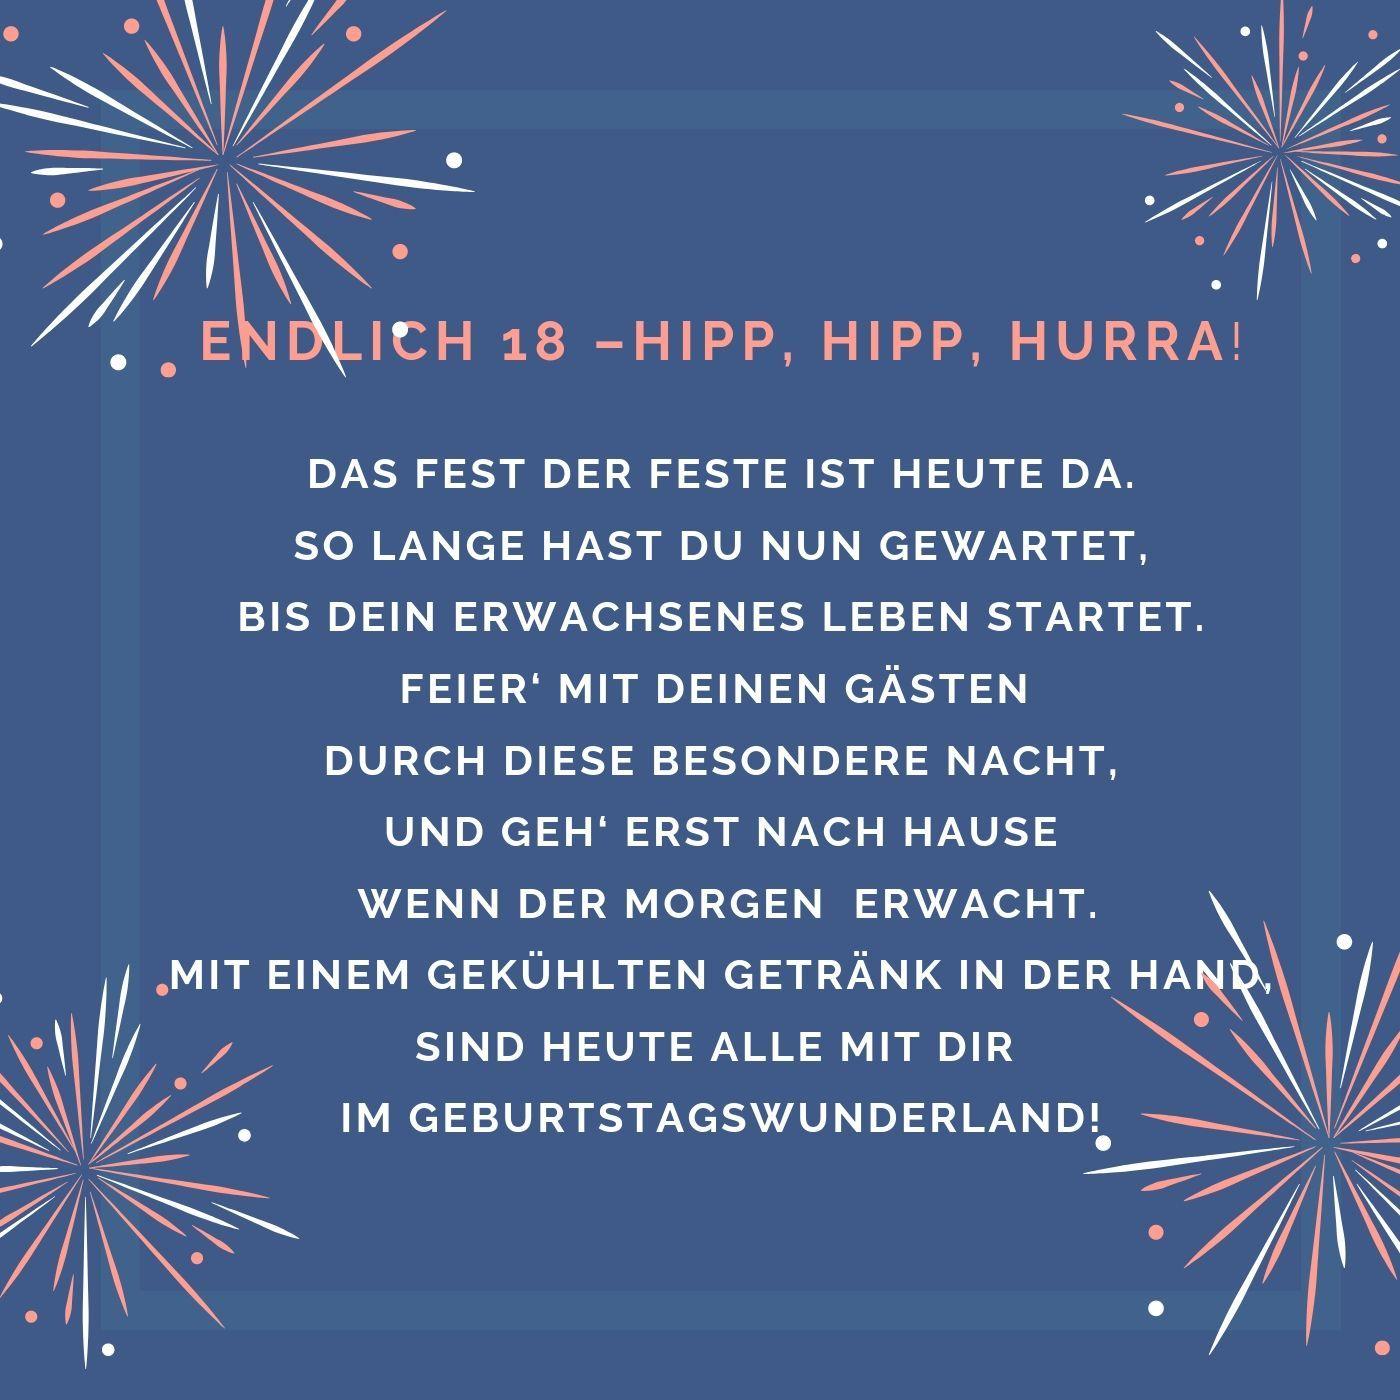 Endlich 18 Lustige Gluckwunsche Zur Volljahrigkeit Fur Freunde 18 Geburtstag Spruch Spruche Zum 18 Geburtstag Gluckwunsche Zum 18 Geburtstag